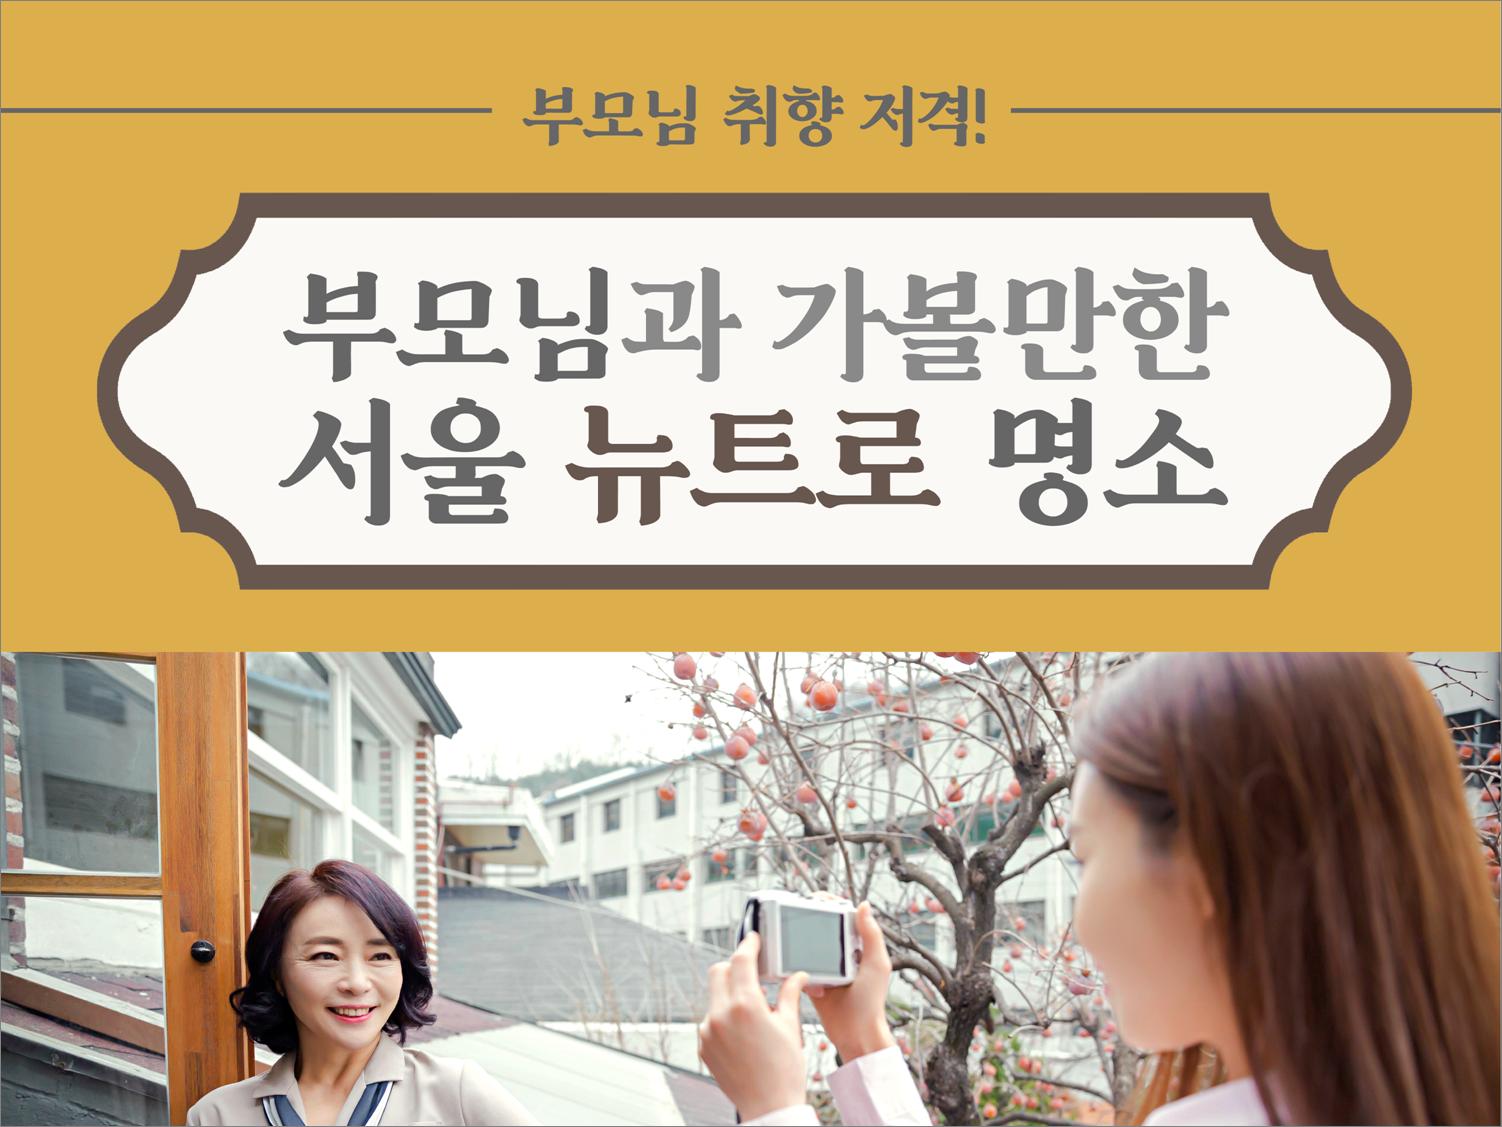 부모님과 함께 가볼만한 서울 뉴트로 명소 추천